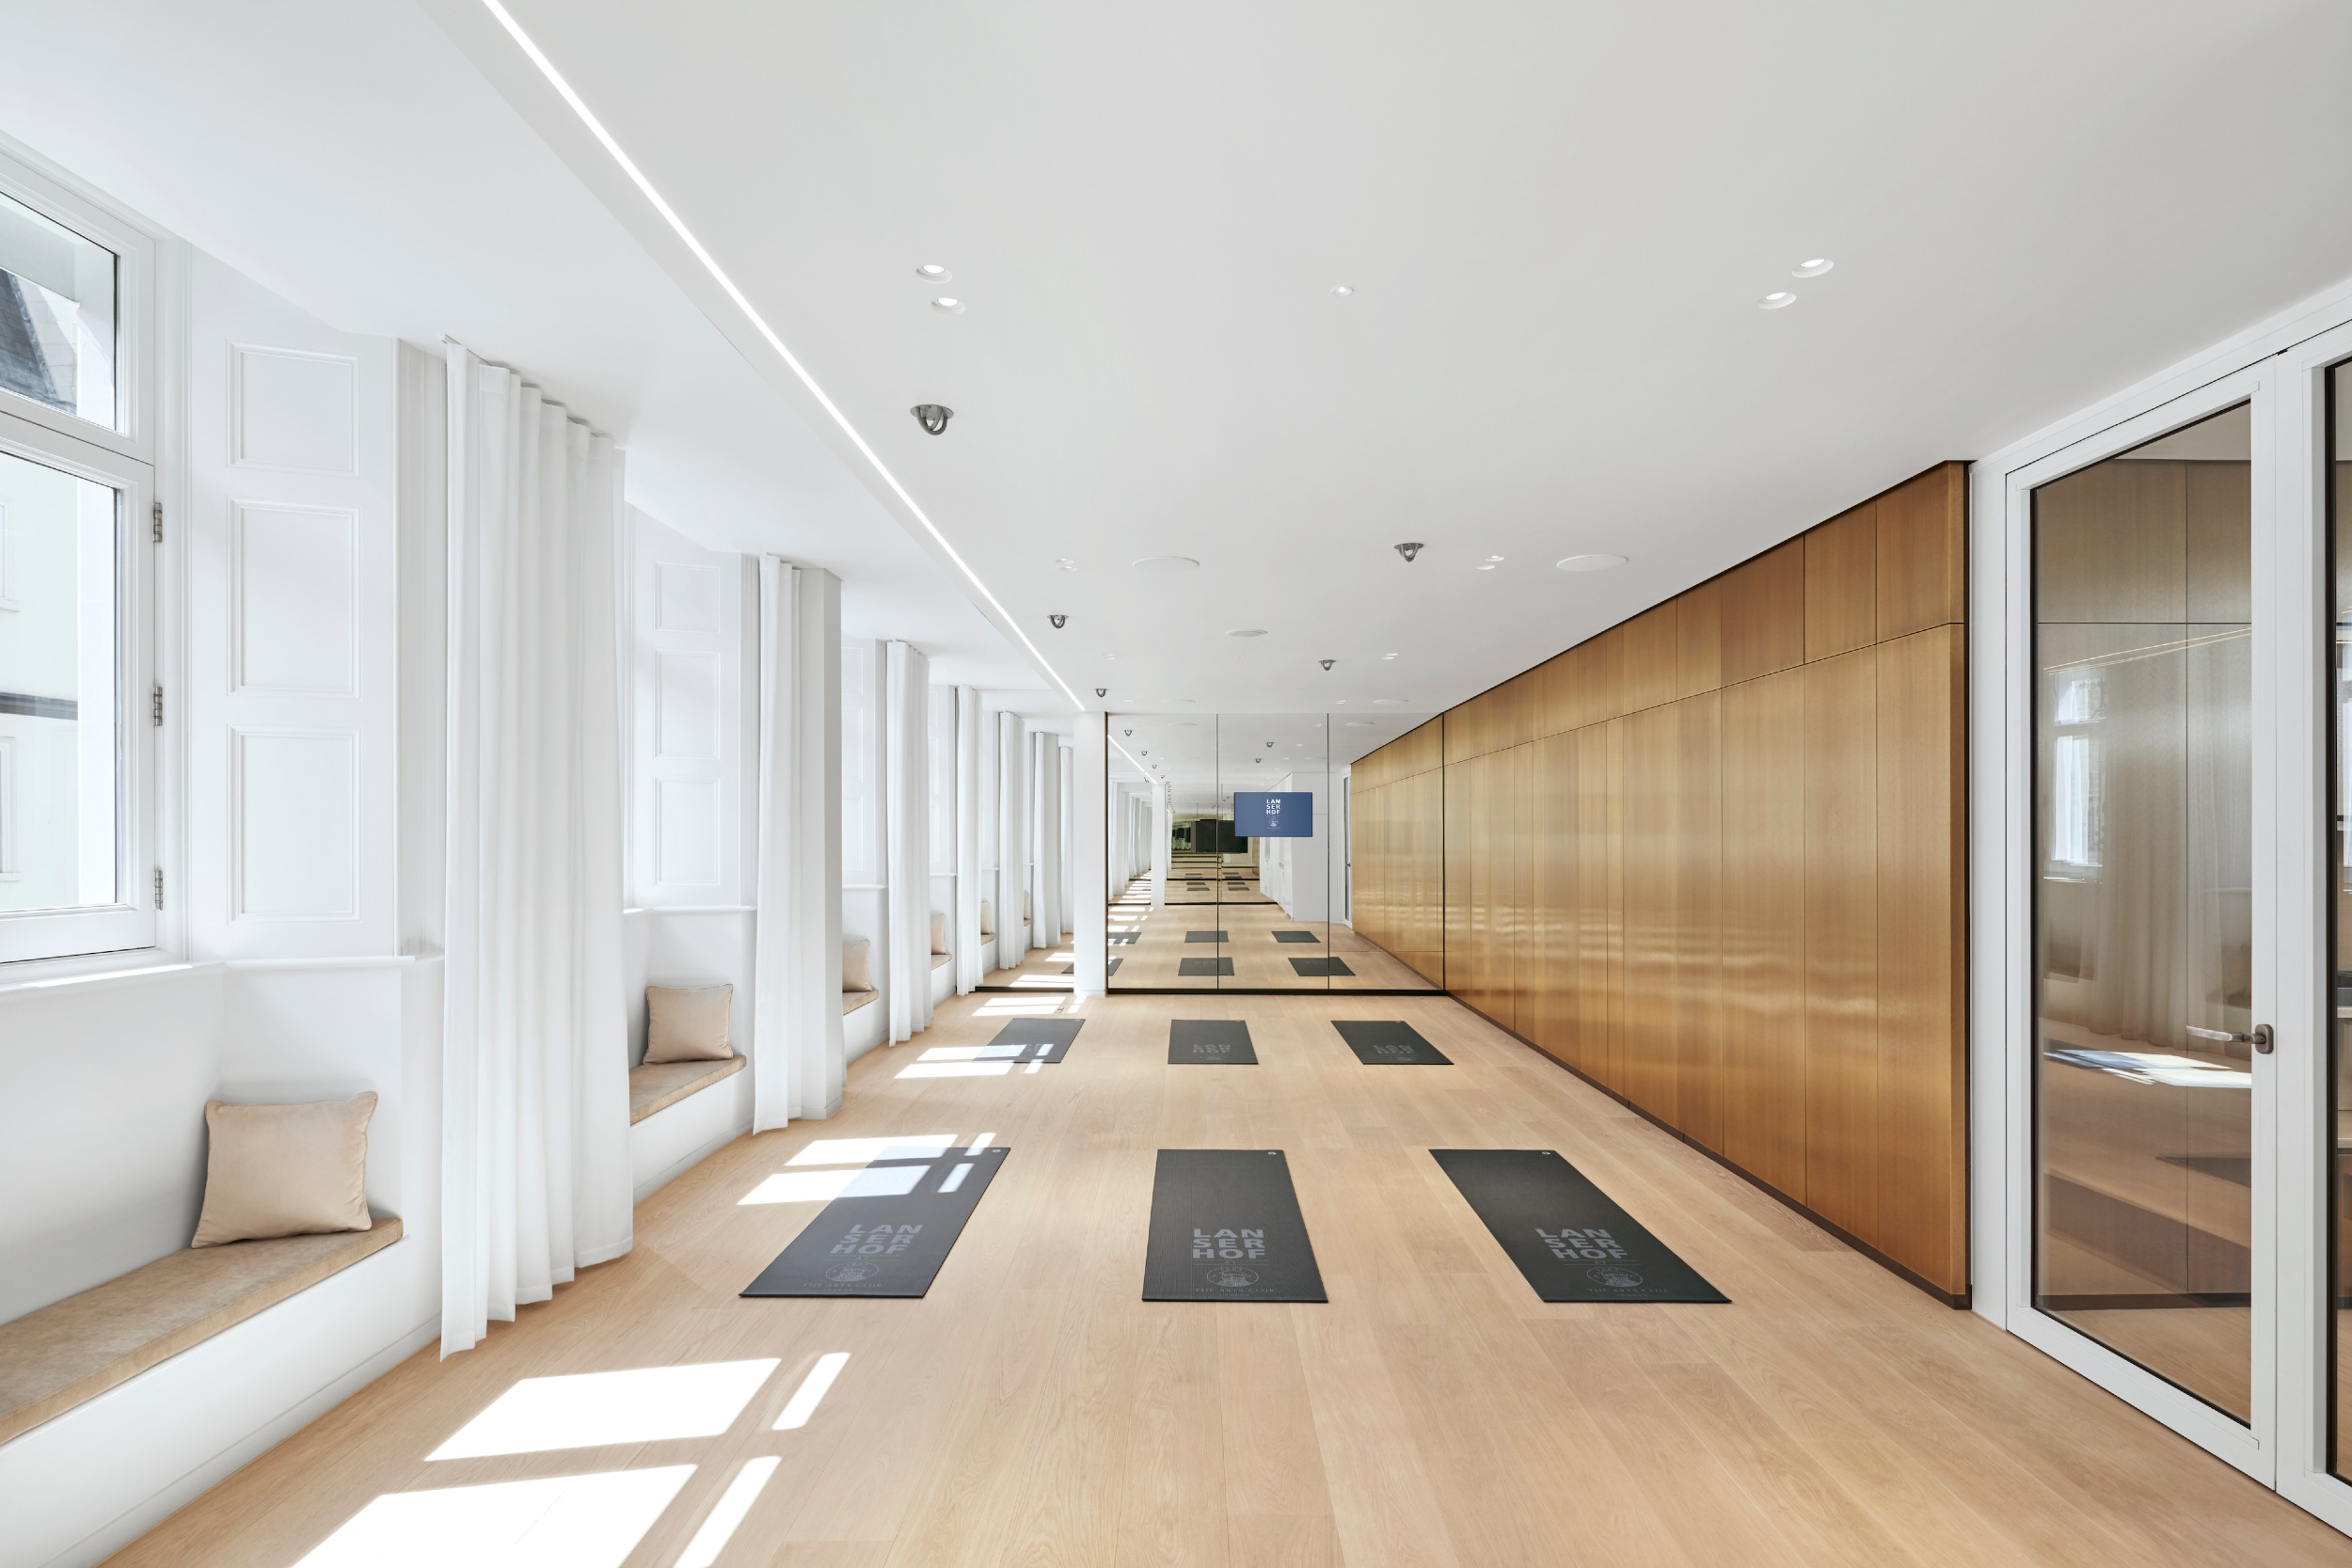 lanserhof_at_the_arts_club_gym_yoga.jpg